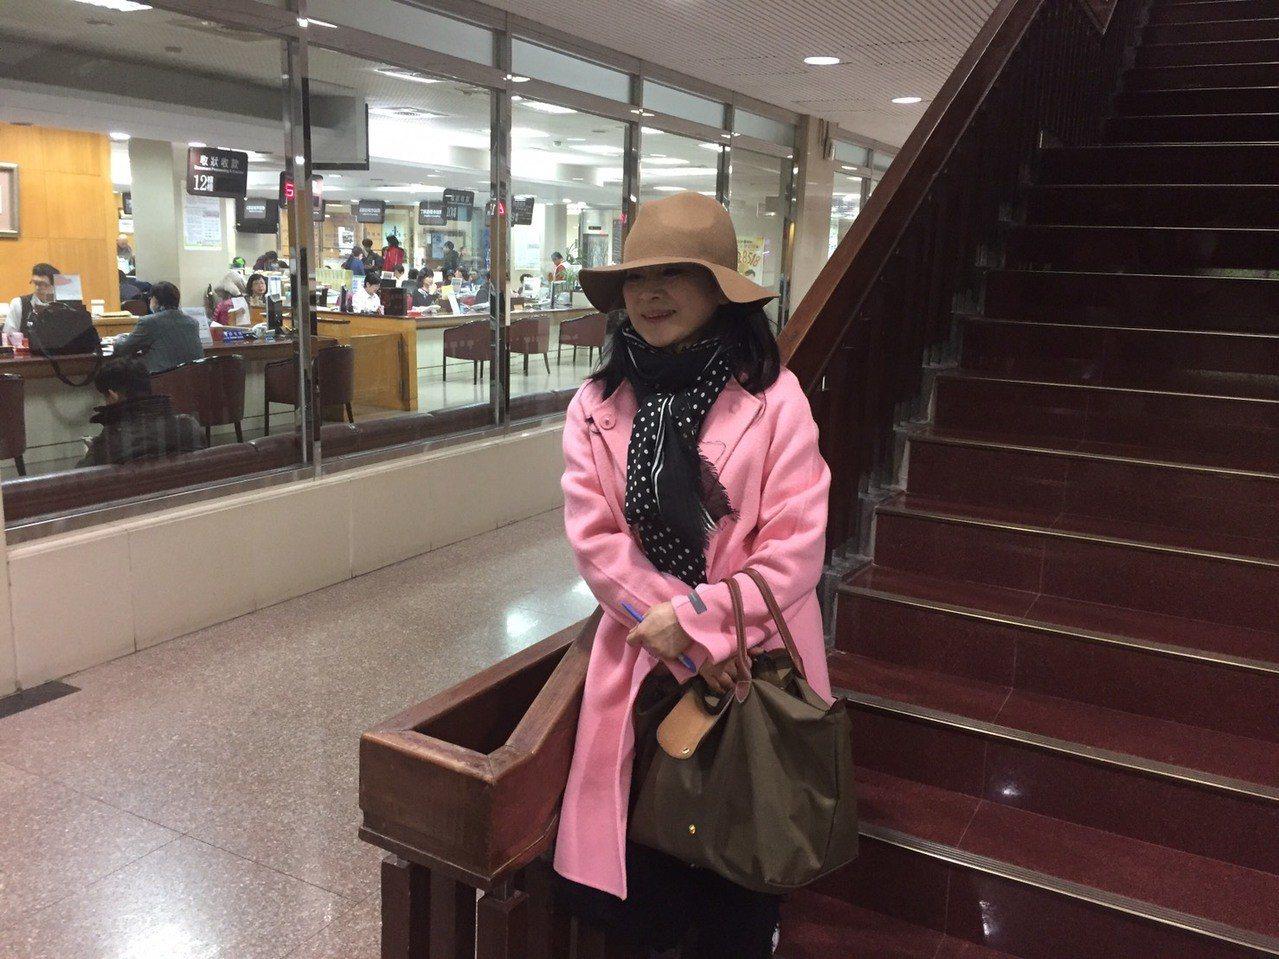 周玉蔻被王炳忠自訴洩密、誹謗今天到法院出庭。記者王聖藜/攝影